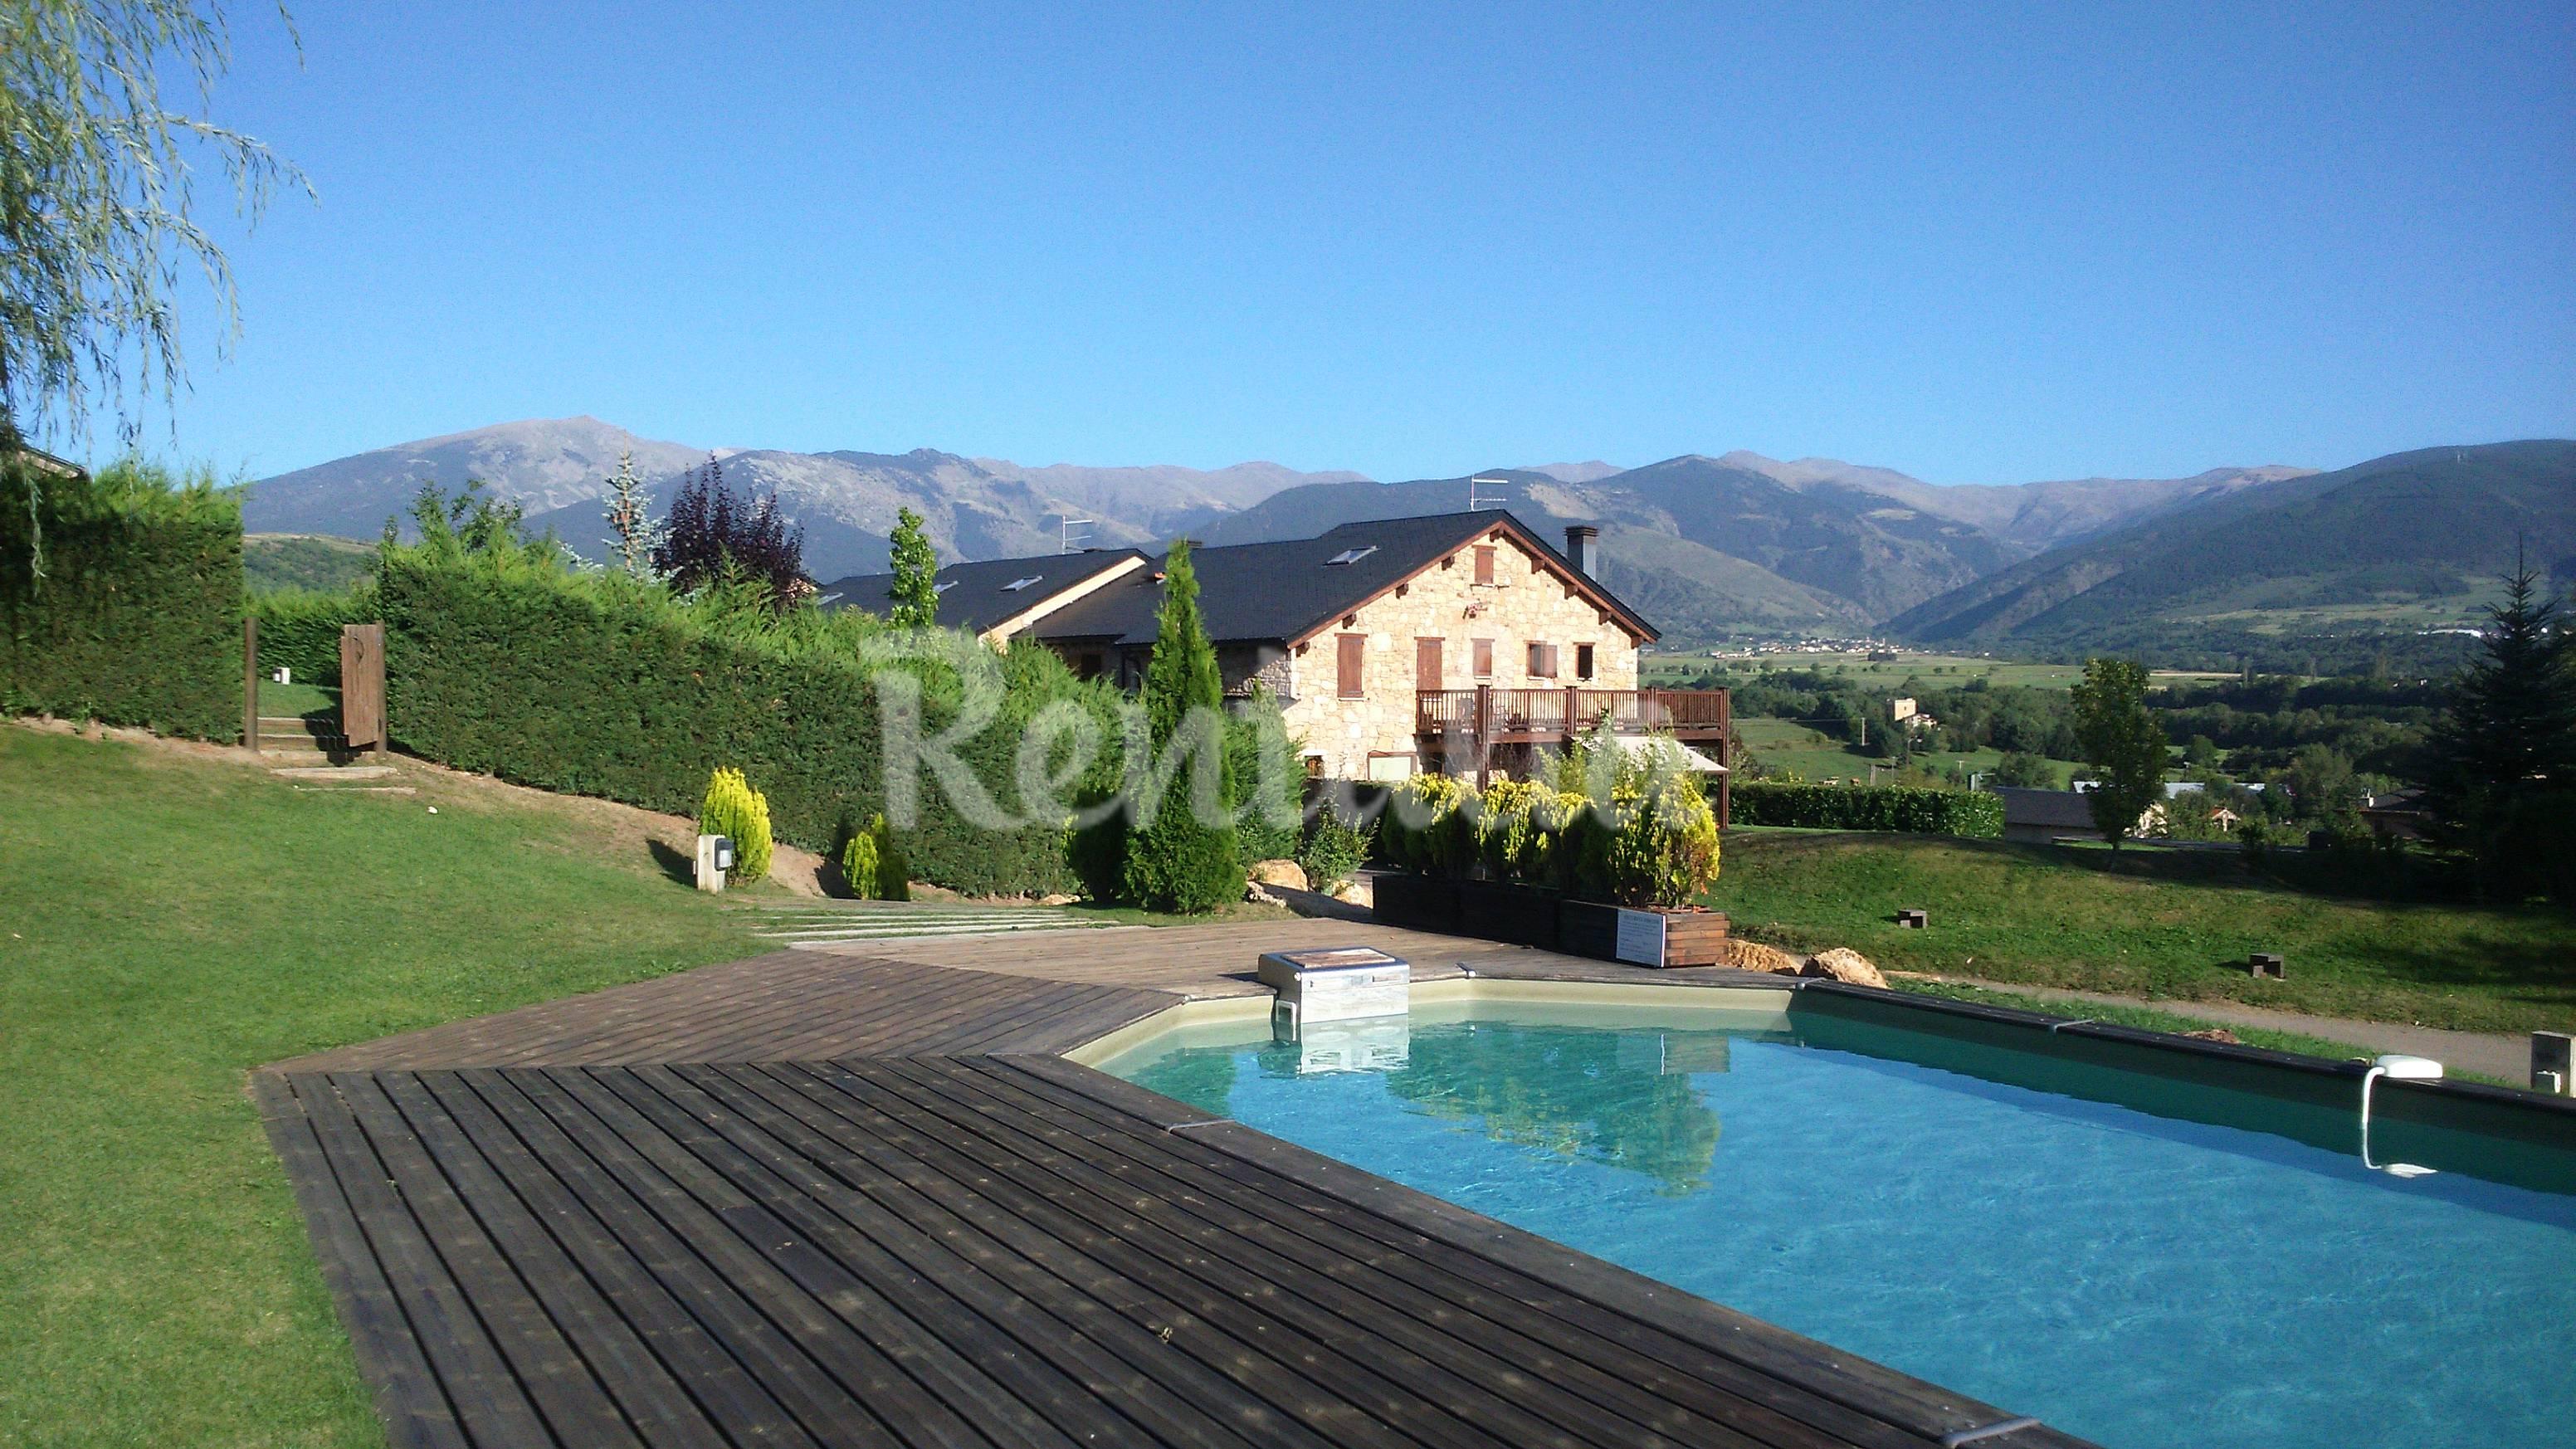 Casas con encanto vistas jard n y piscina ll via for Piscina jardin girona